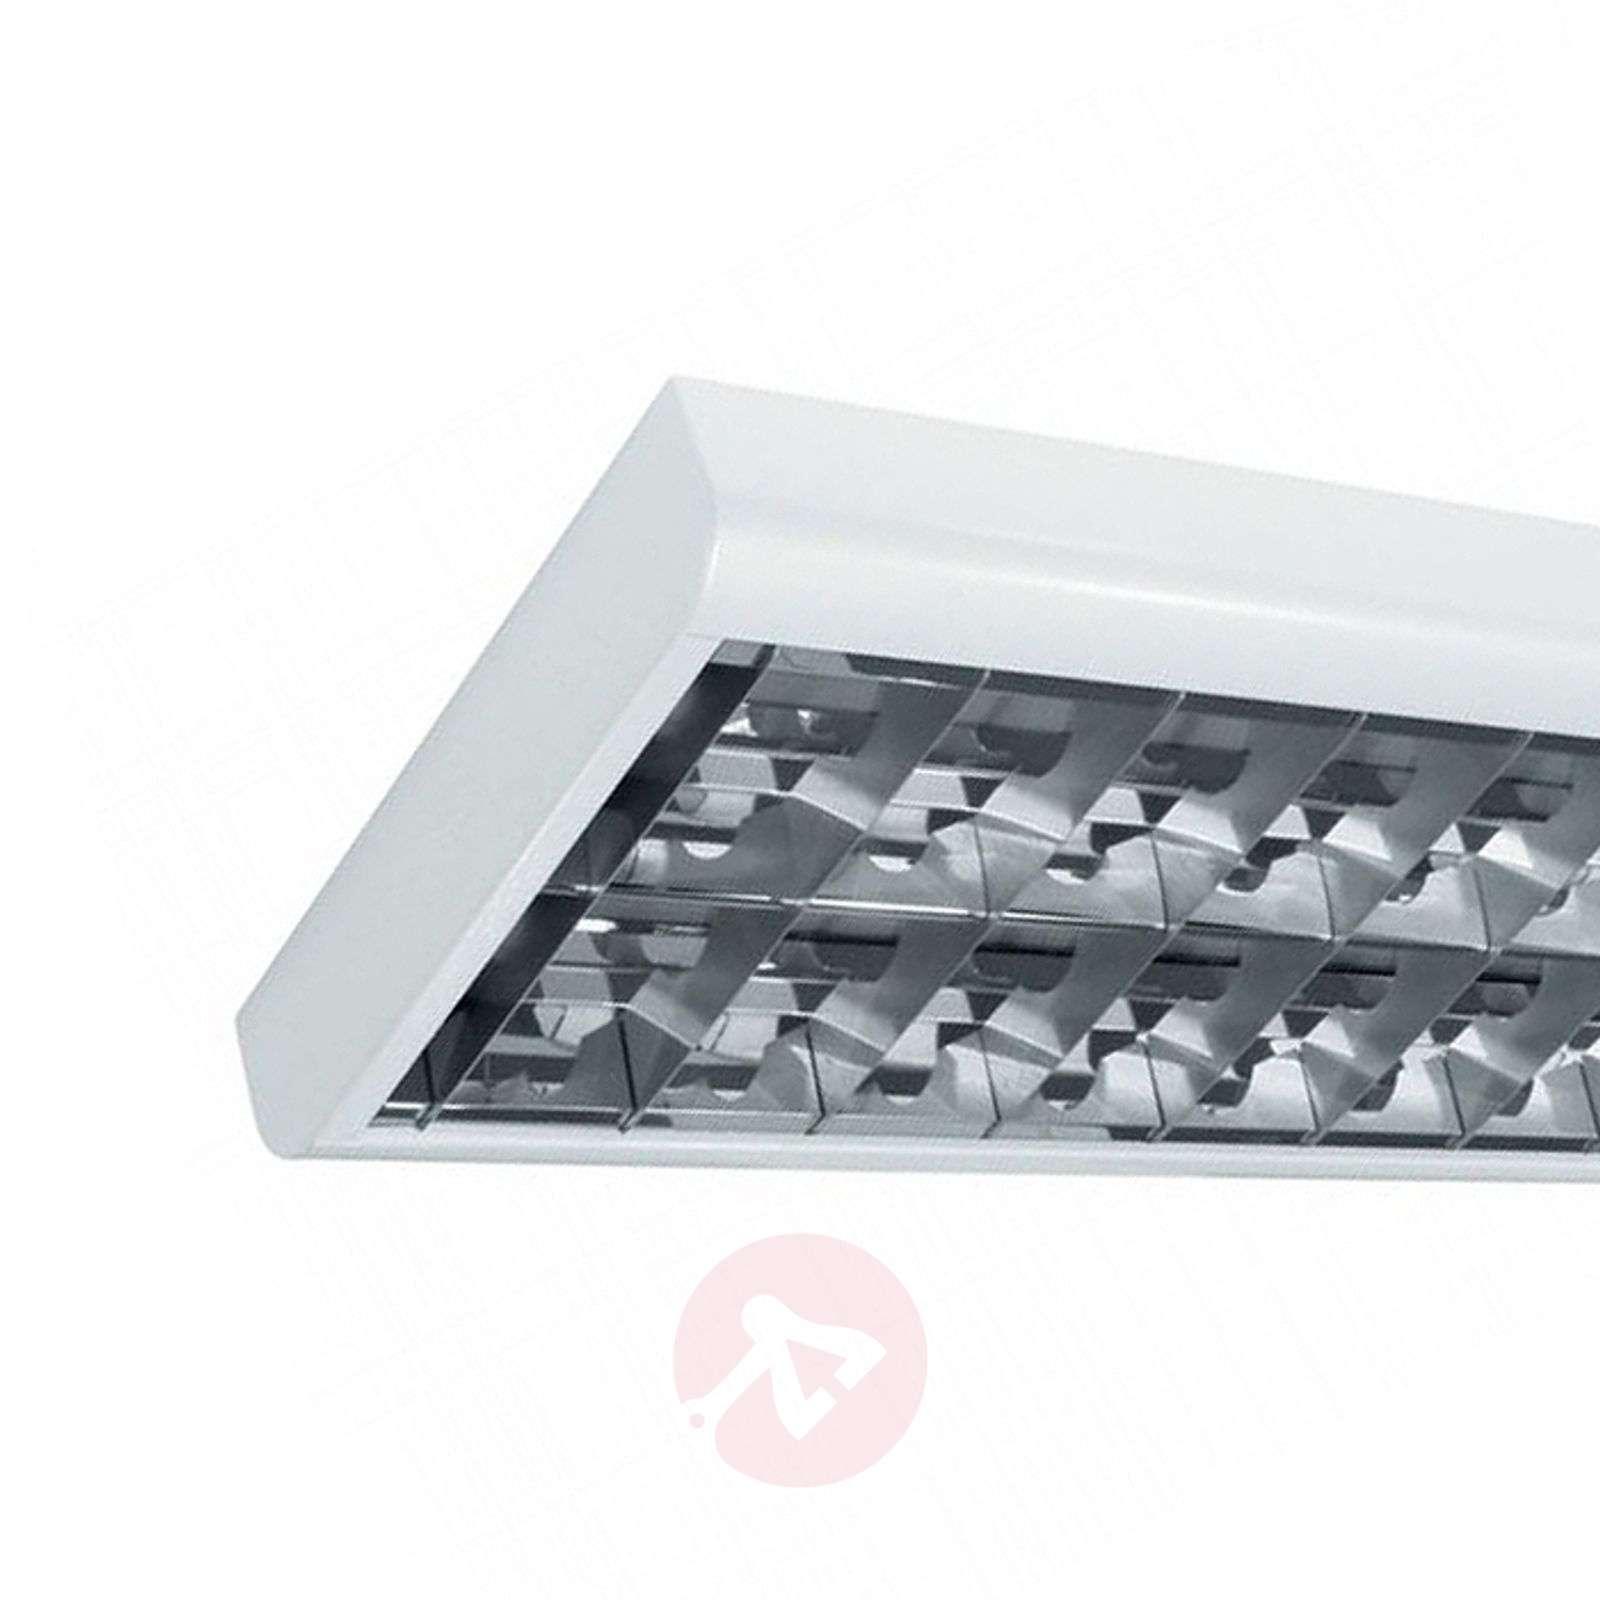 Rasterivalaisin 2-lamppua Moniohjaus-liitäntälaite-3002066-01